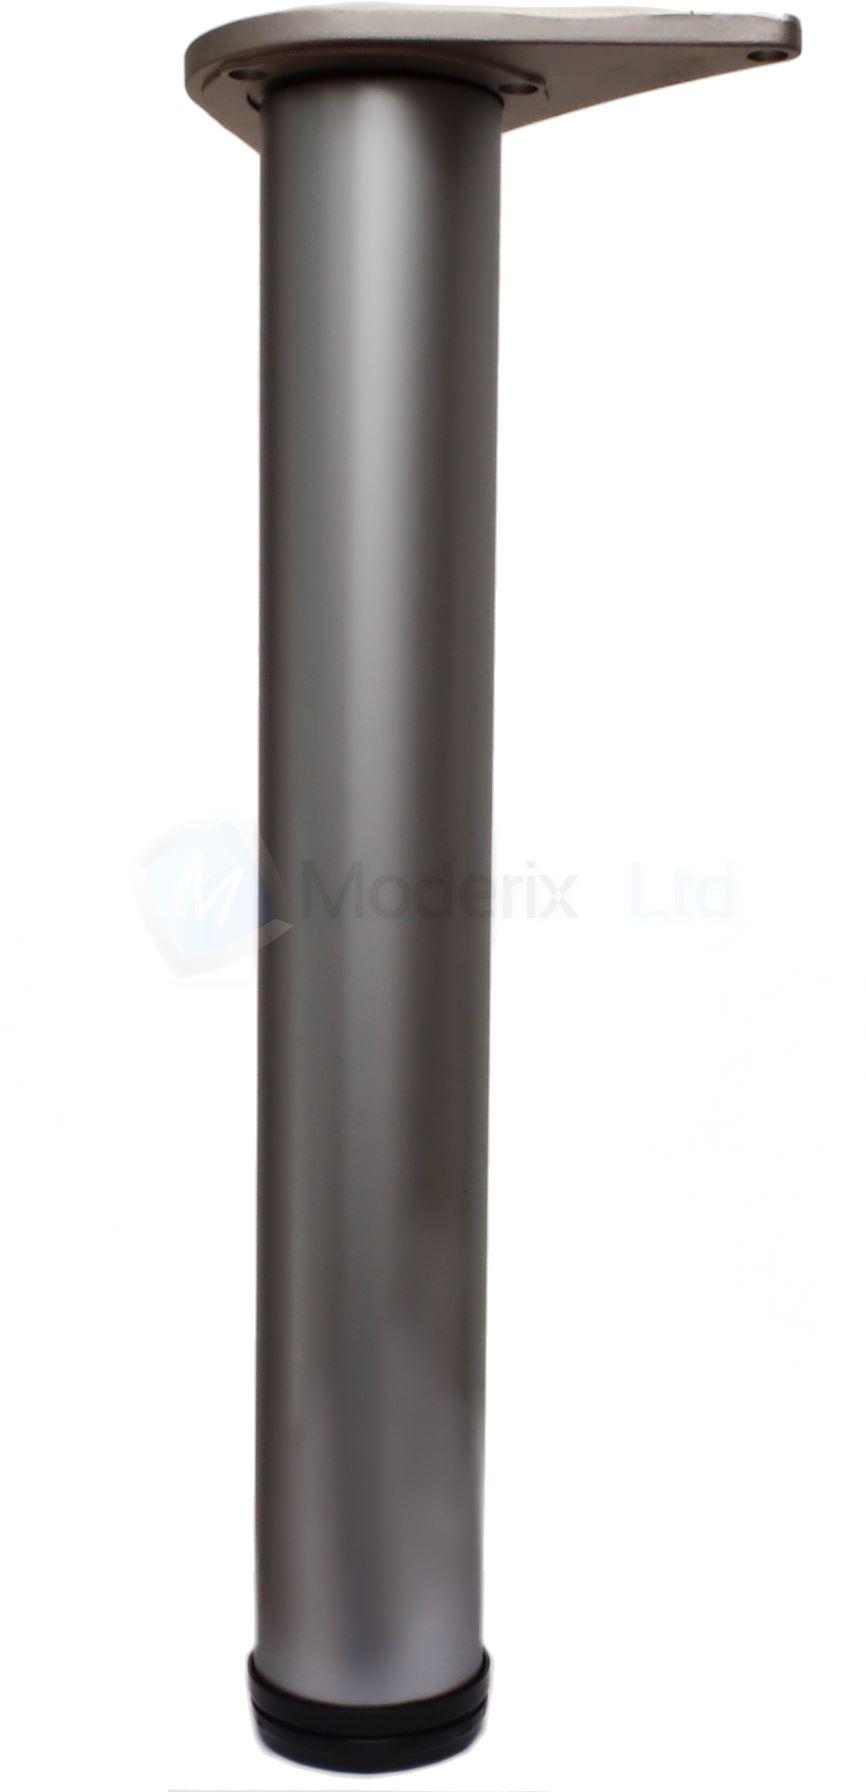 adjustable breakfast bar worktop support table kitchen leg. Black Bedroom Furniture Sets. Home Design Ideas